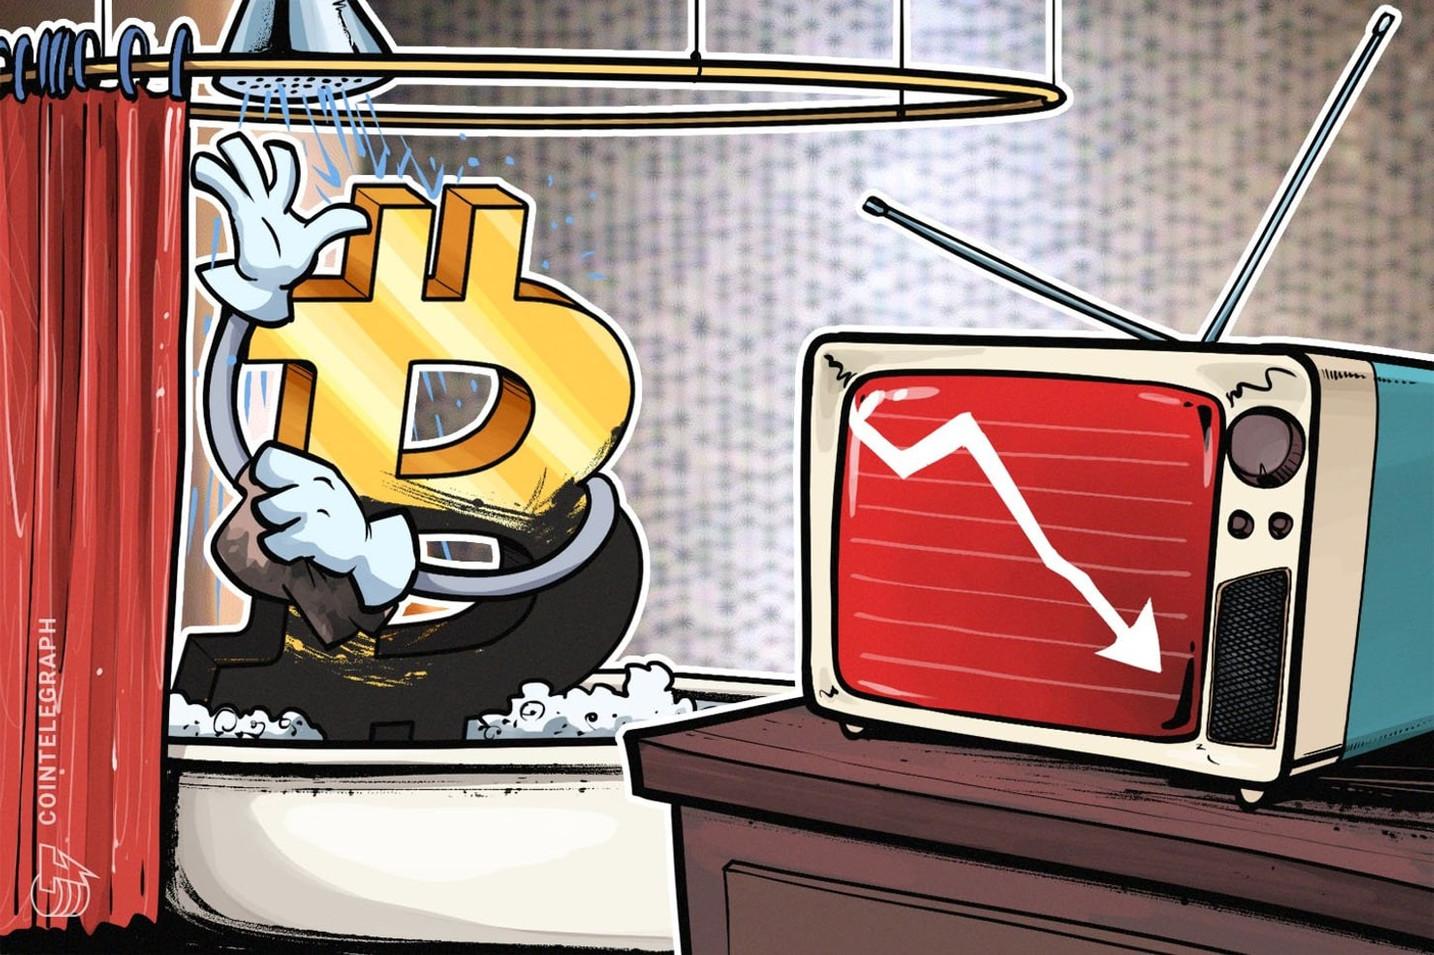 Qué esperar de Bitcoin para este inicio de trimestre: Una mirada técnica al mercado